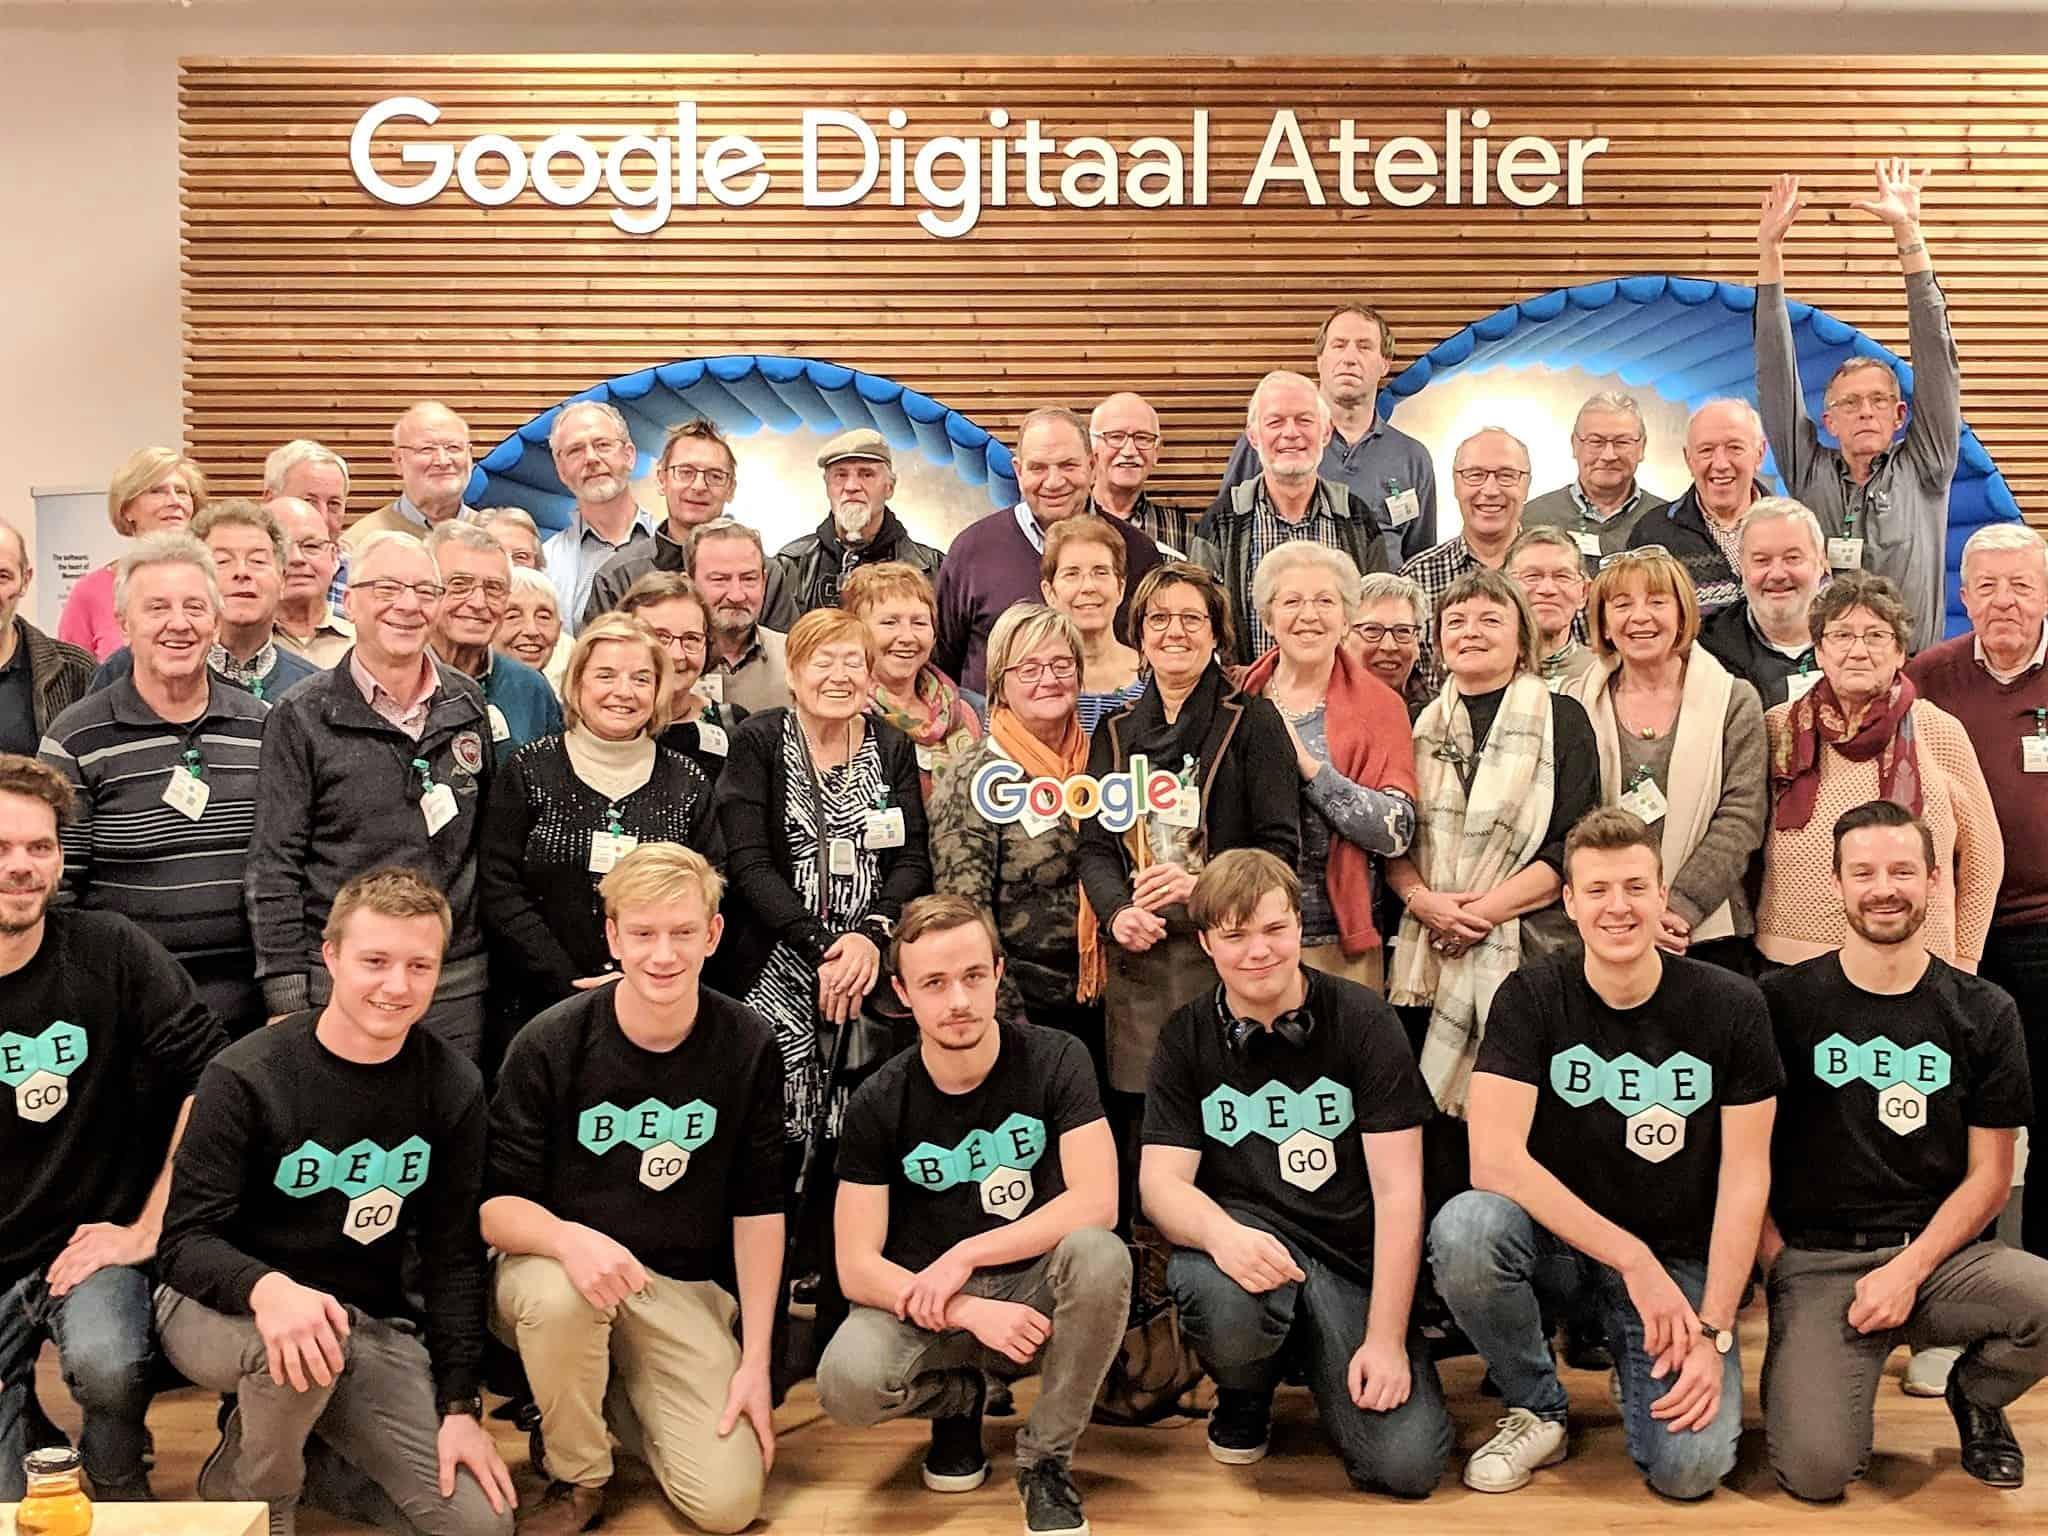 groepsfoto BEEGO in het Google digitaal atelier